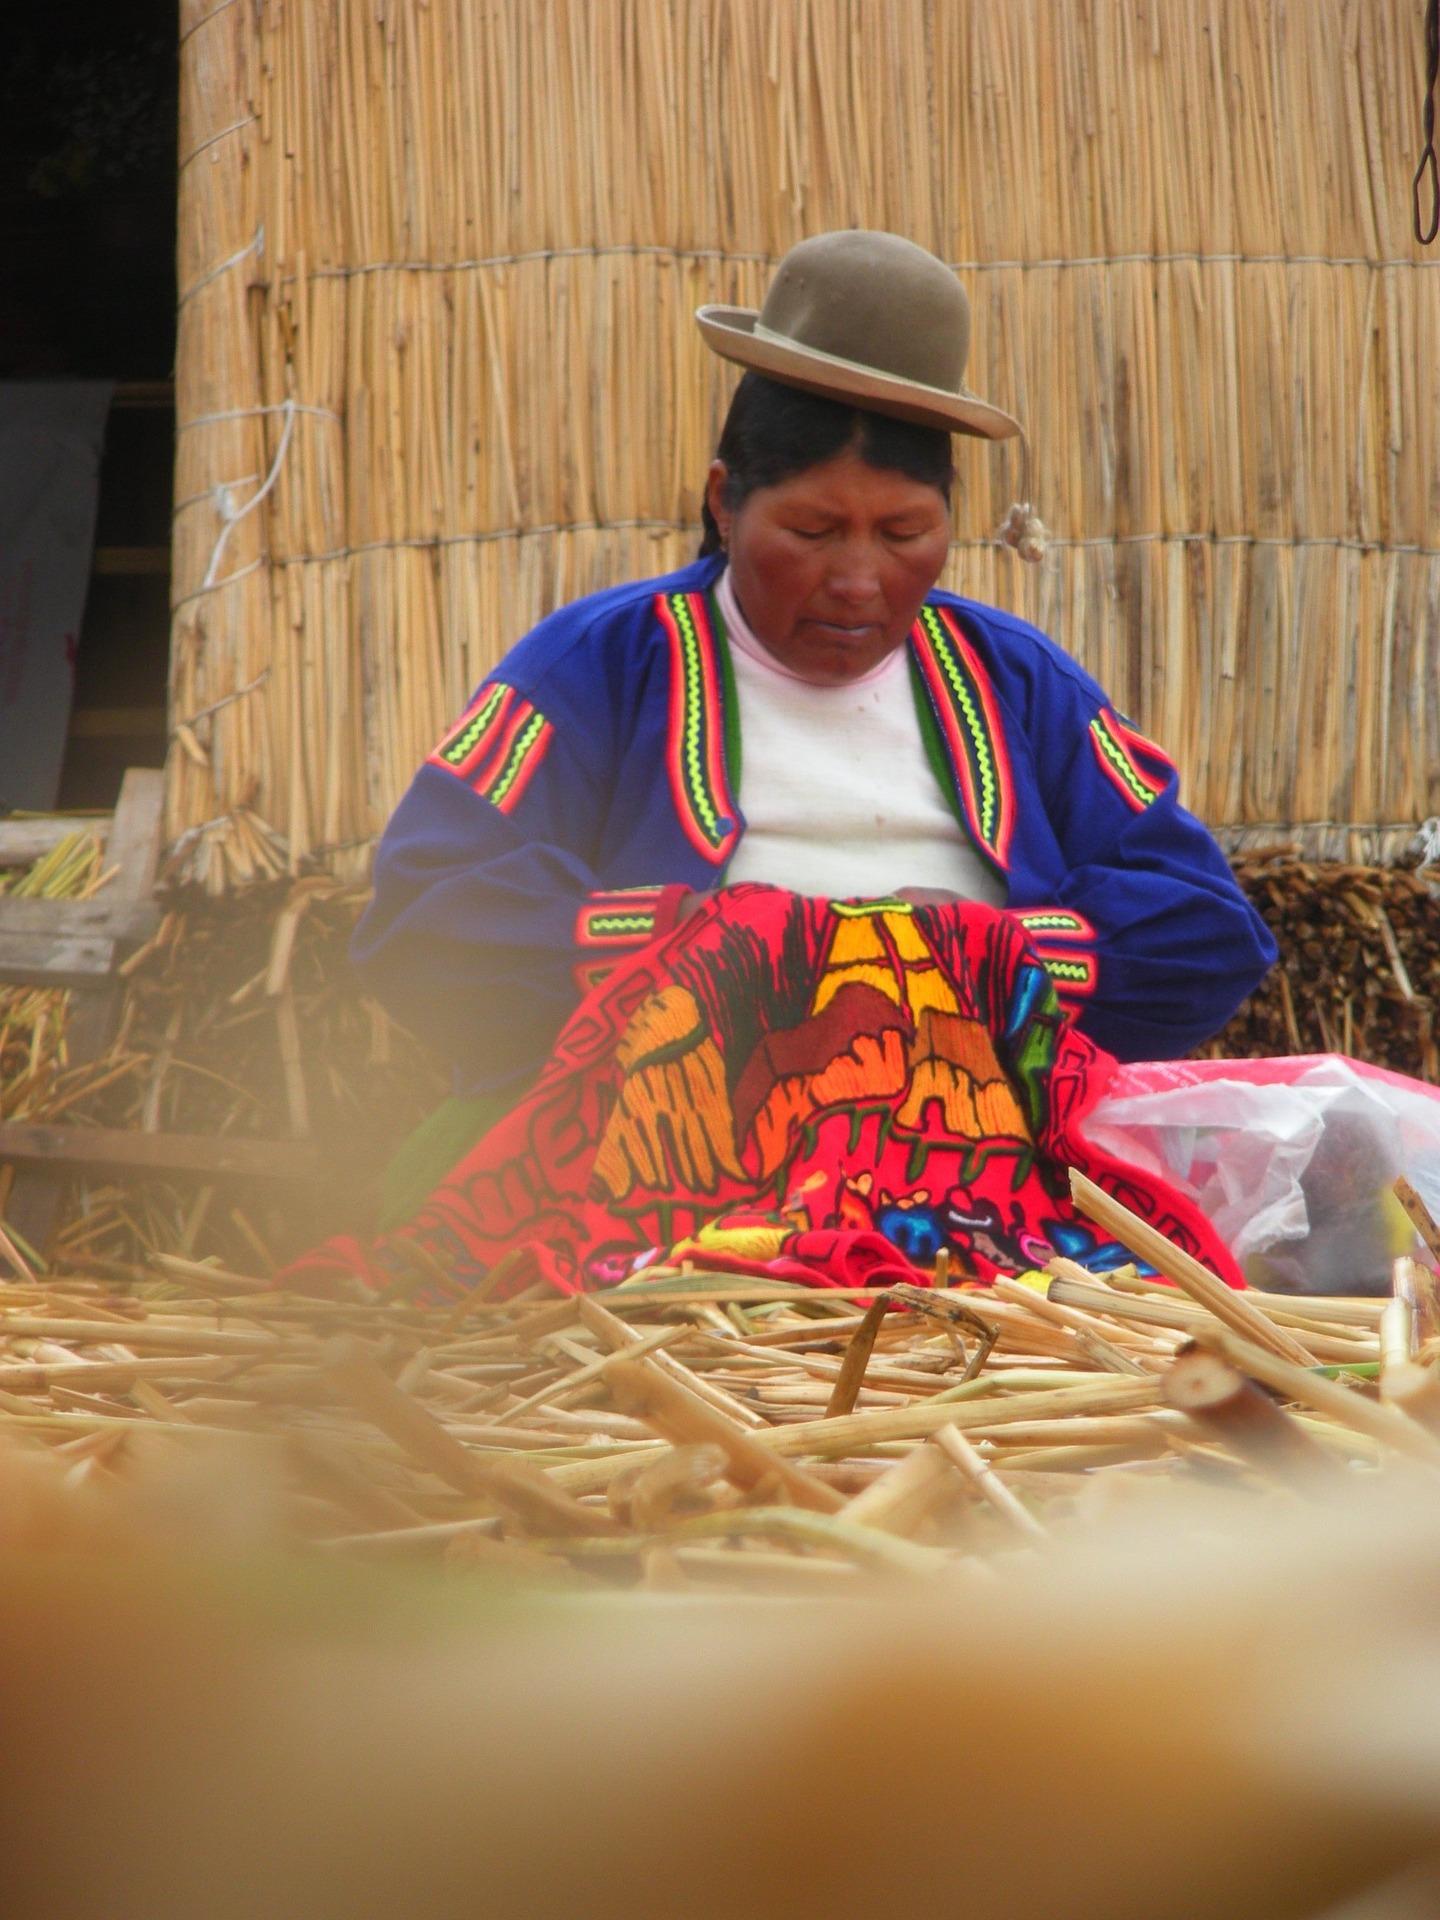 Anekdotes in Coronatijd tijdens online afspraken